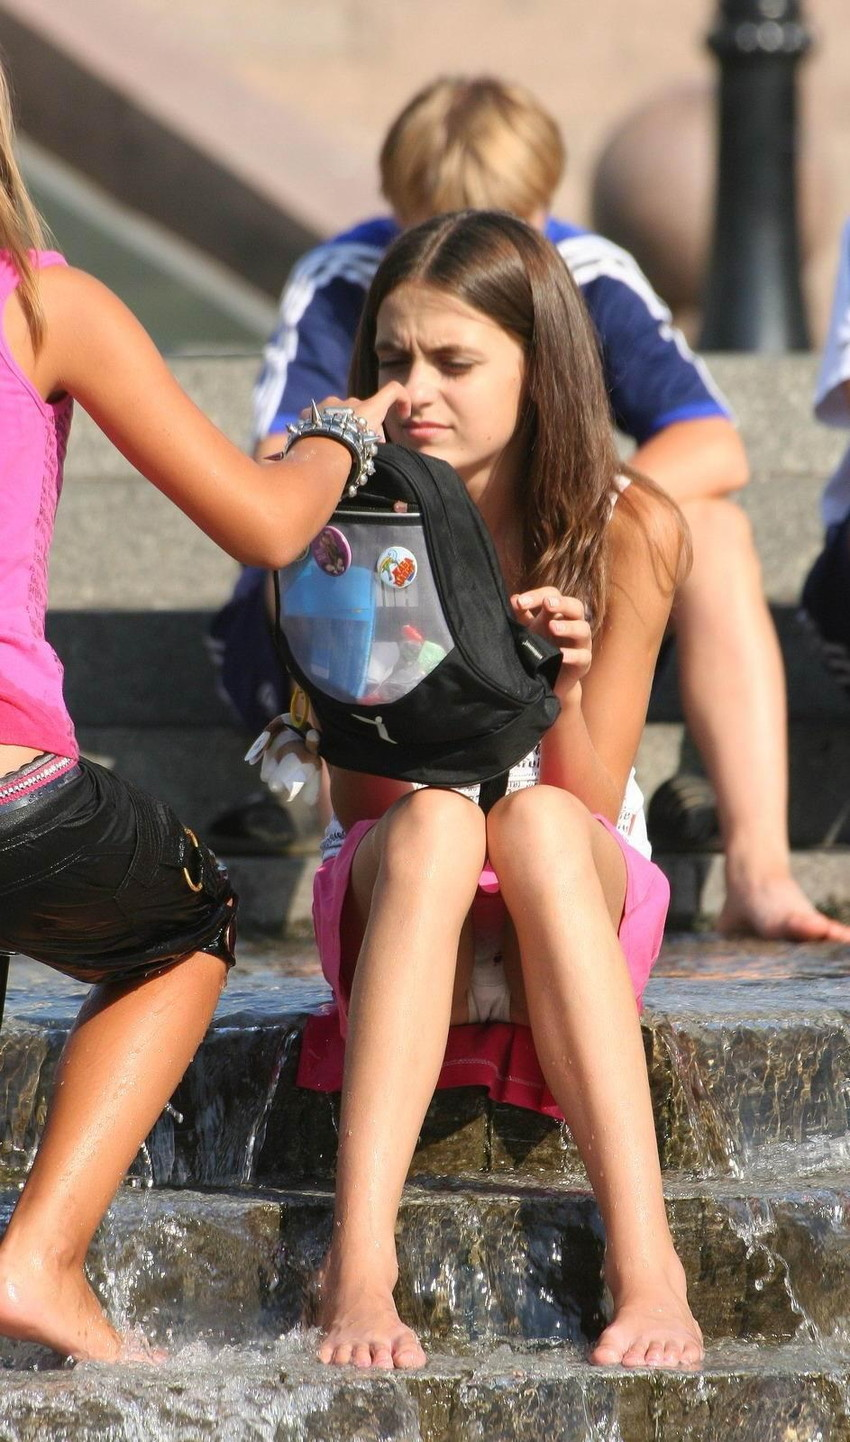 【海外パンチラエロ画像】海外の女の子たちのパンチラ画像集めたったww 11